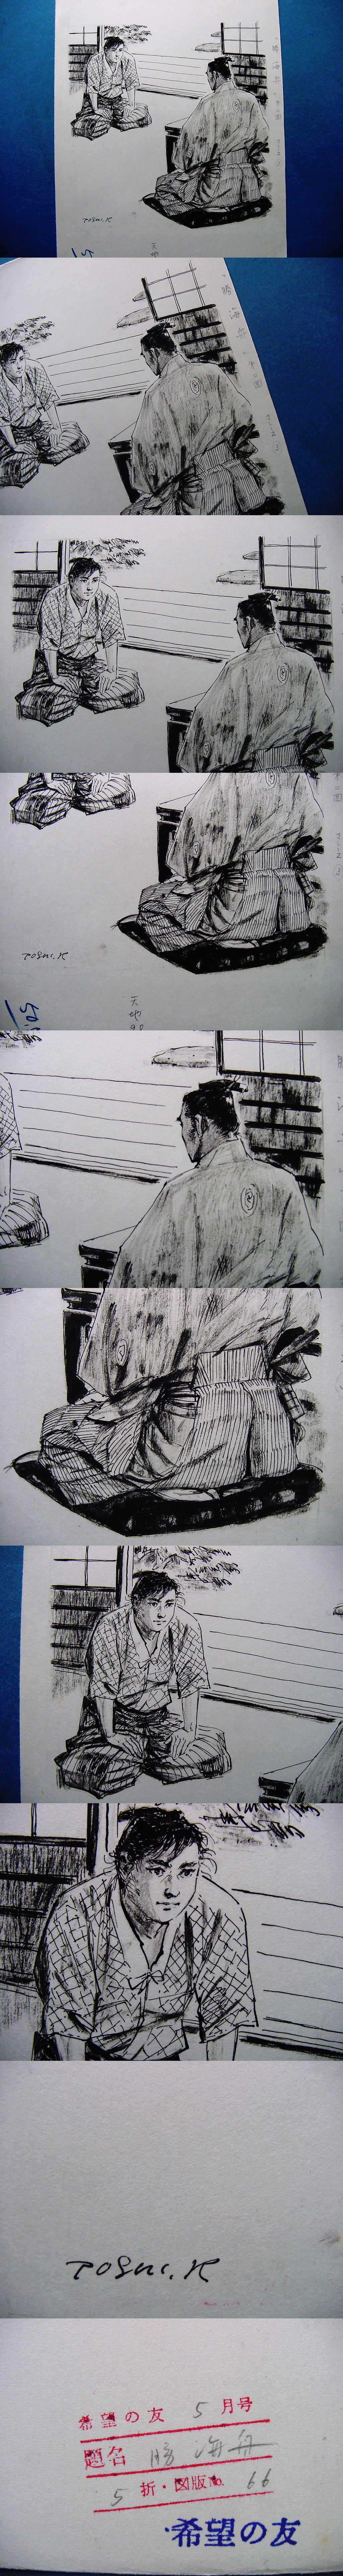 岛田源氏青年头像手画